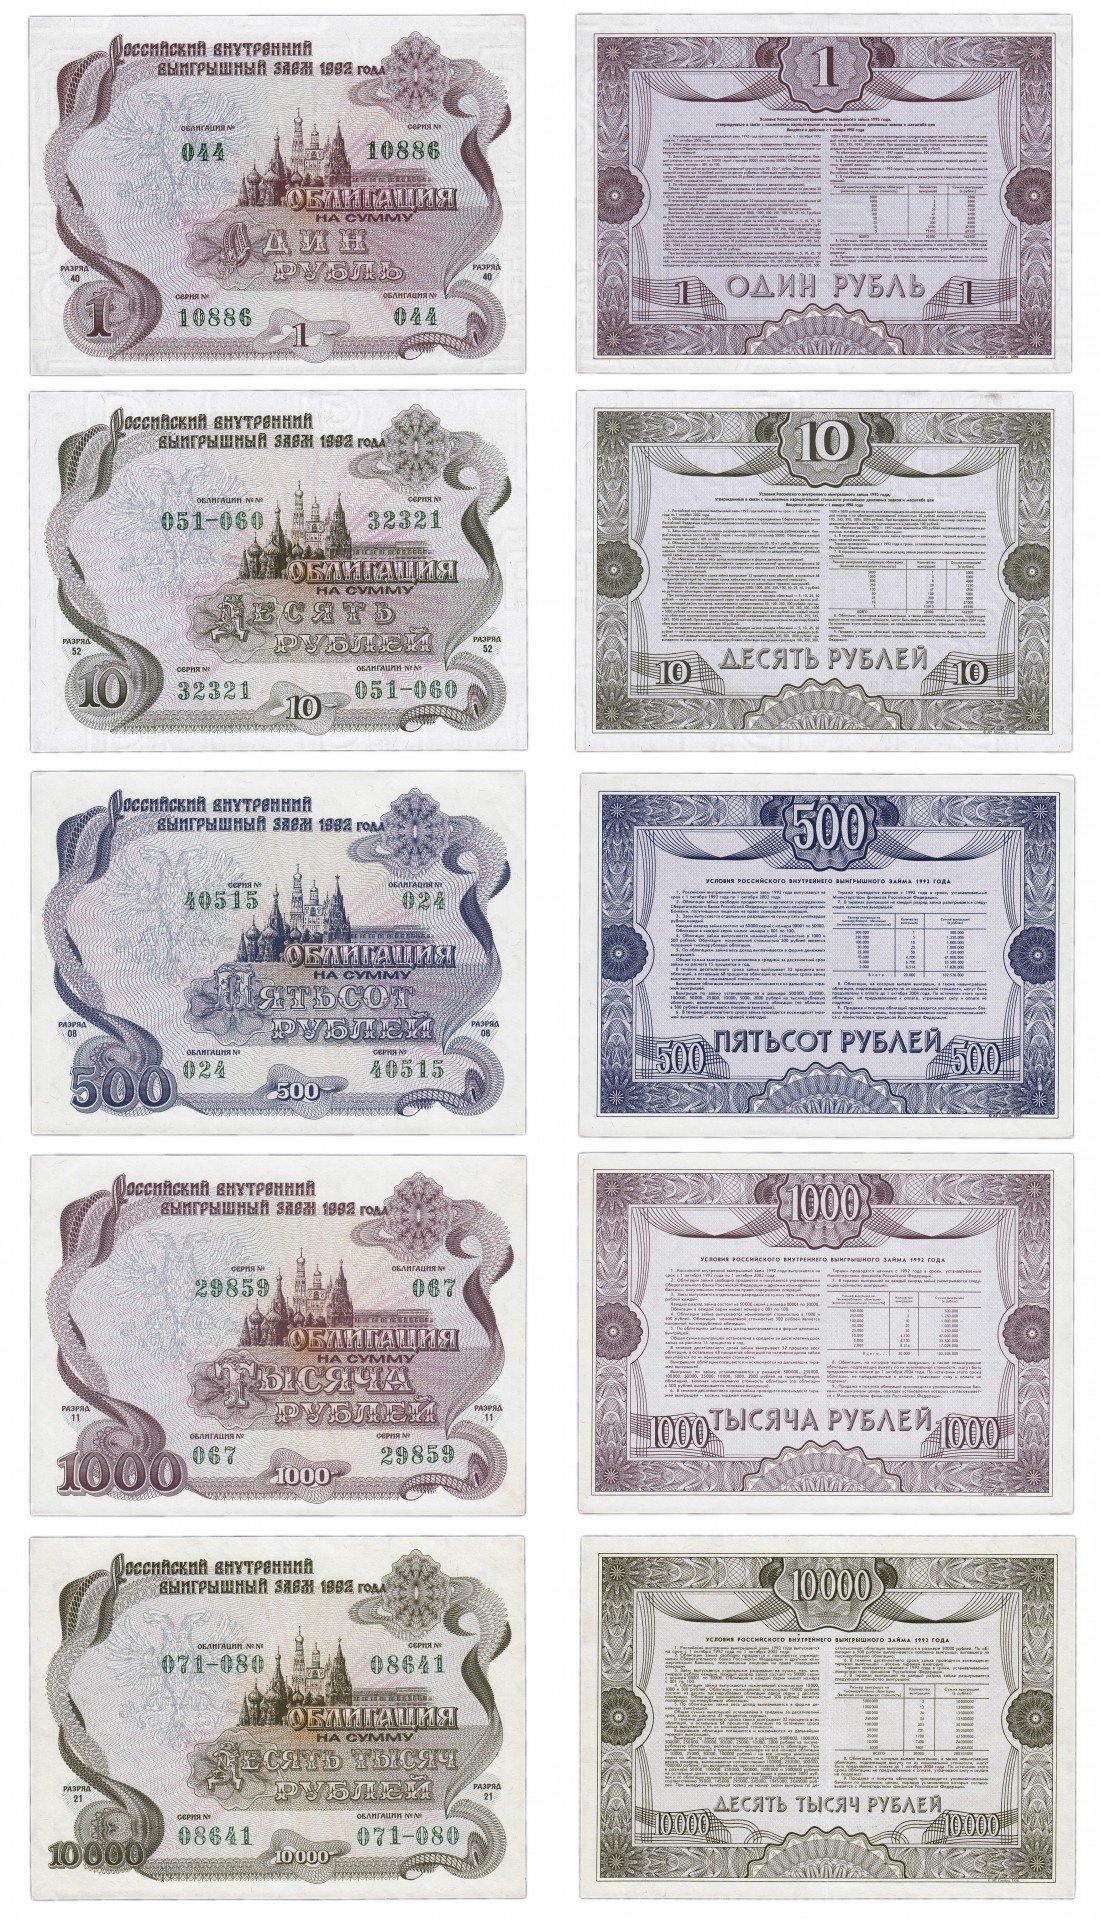 облигация российский внутренний заем 1992